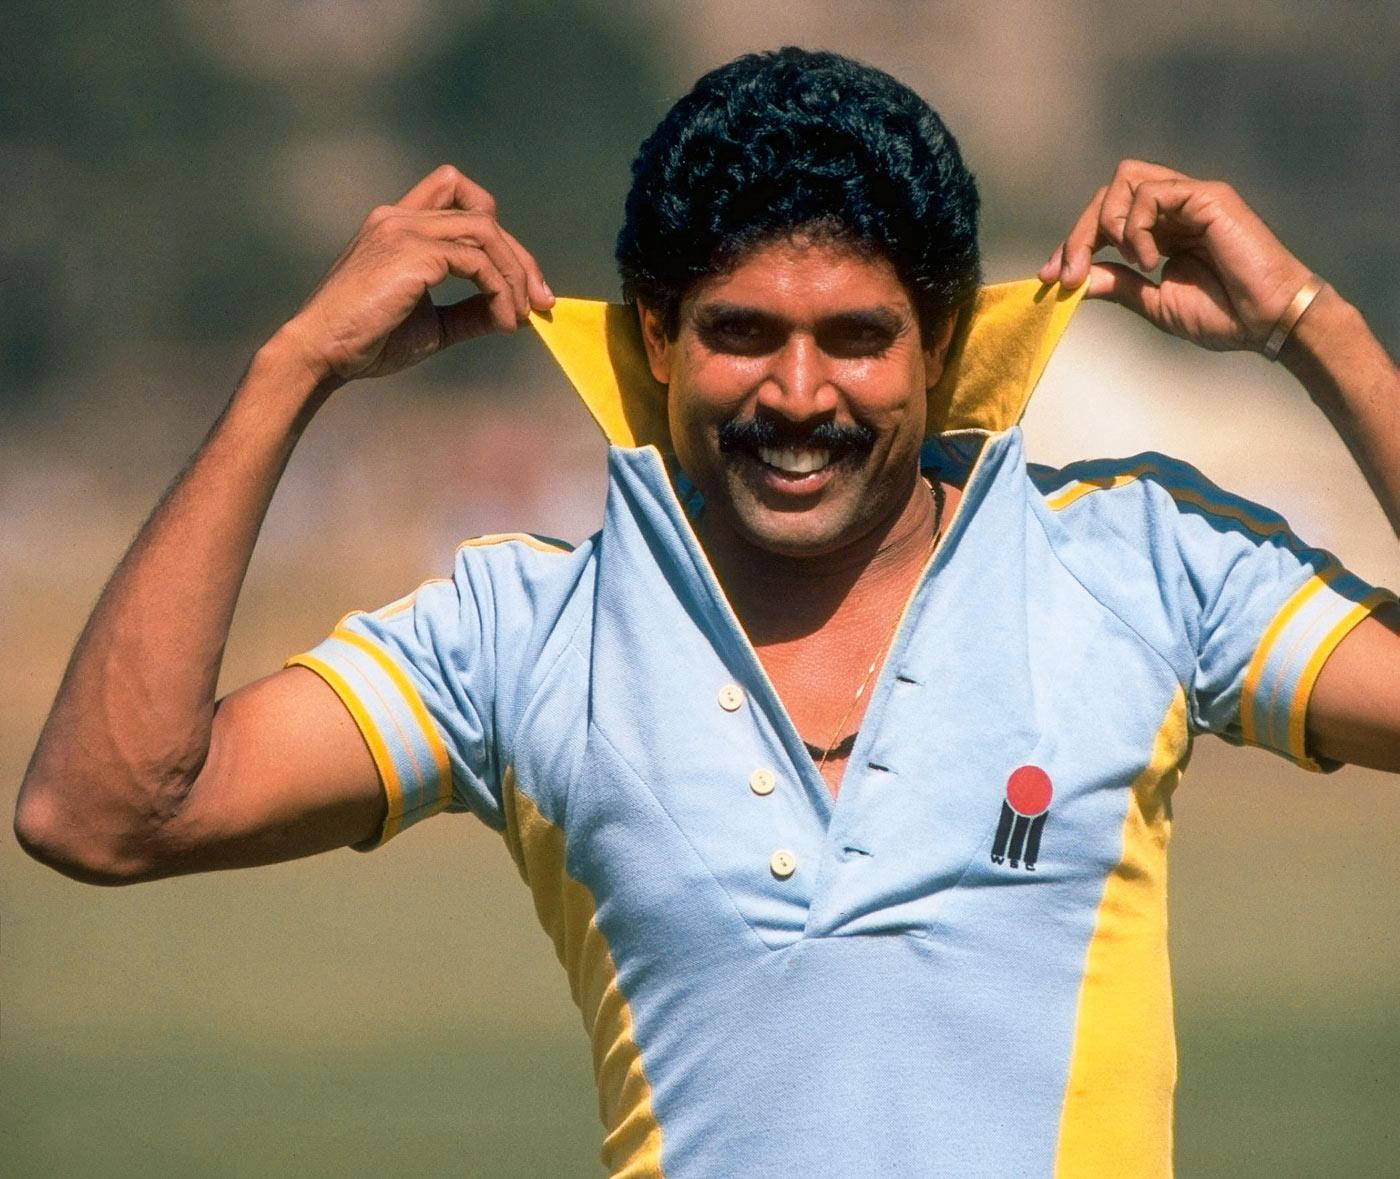 ভারতের ক্রিকেট ইতিহাসে সবচেয়ে জনপ্রিয় ৫জন ক্রিকেটার 2